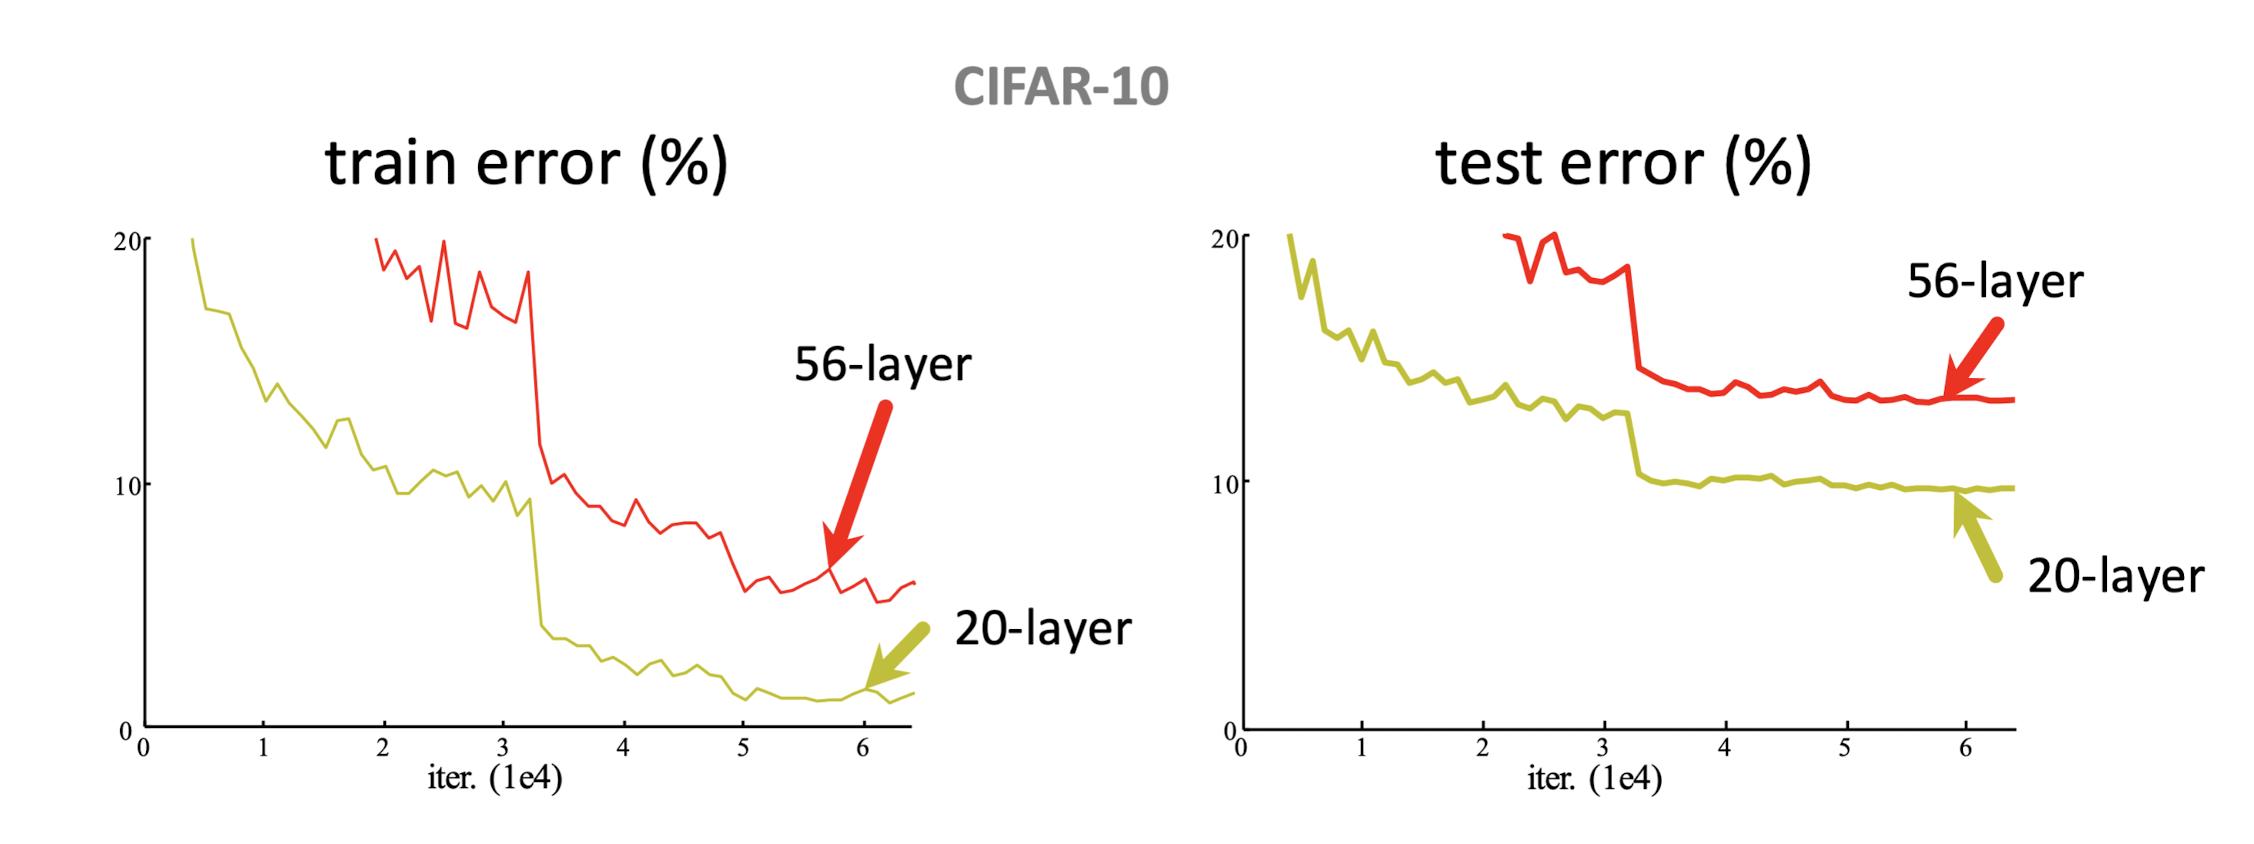 图1 CIFAR-10数据集上,更多卷积层的56-layer网络的误差反而比20-layer更高 来源:何恺明等